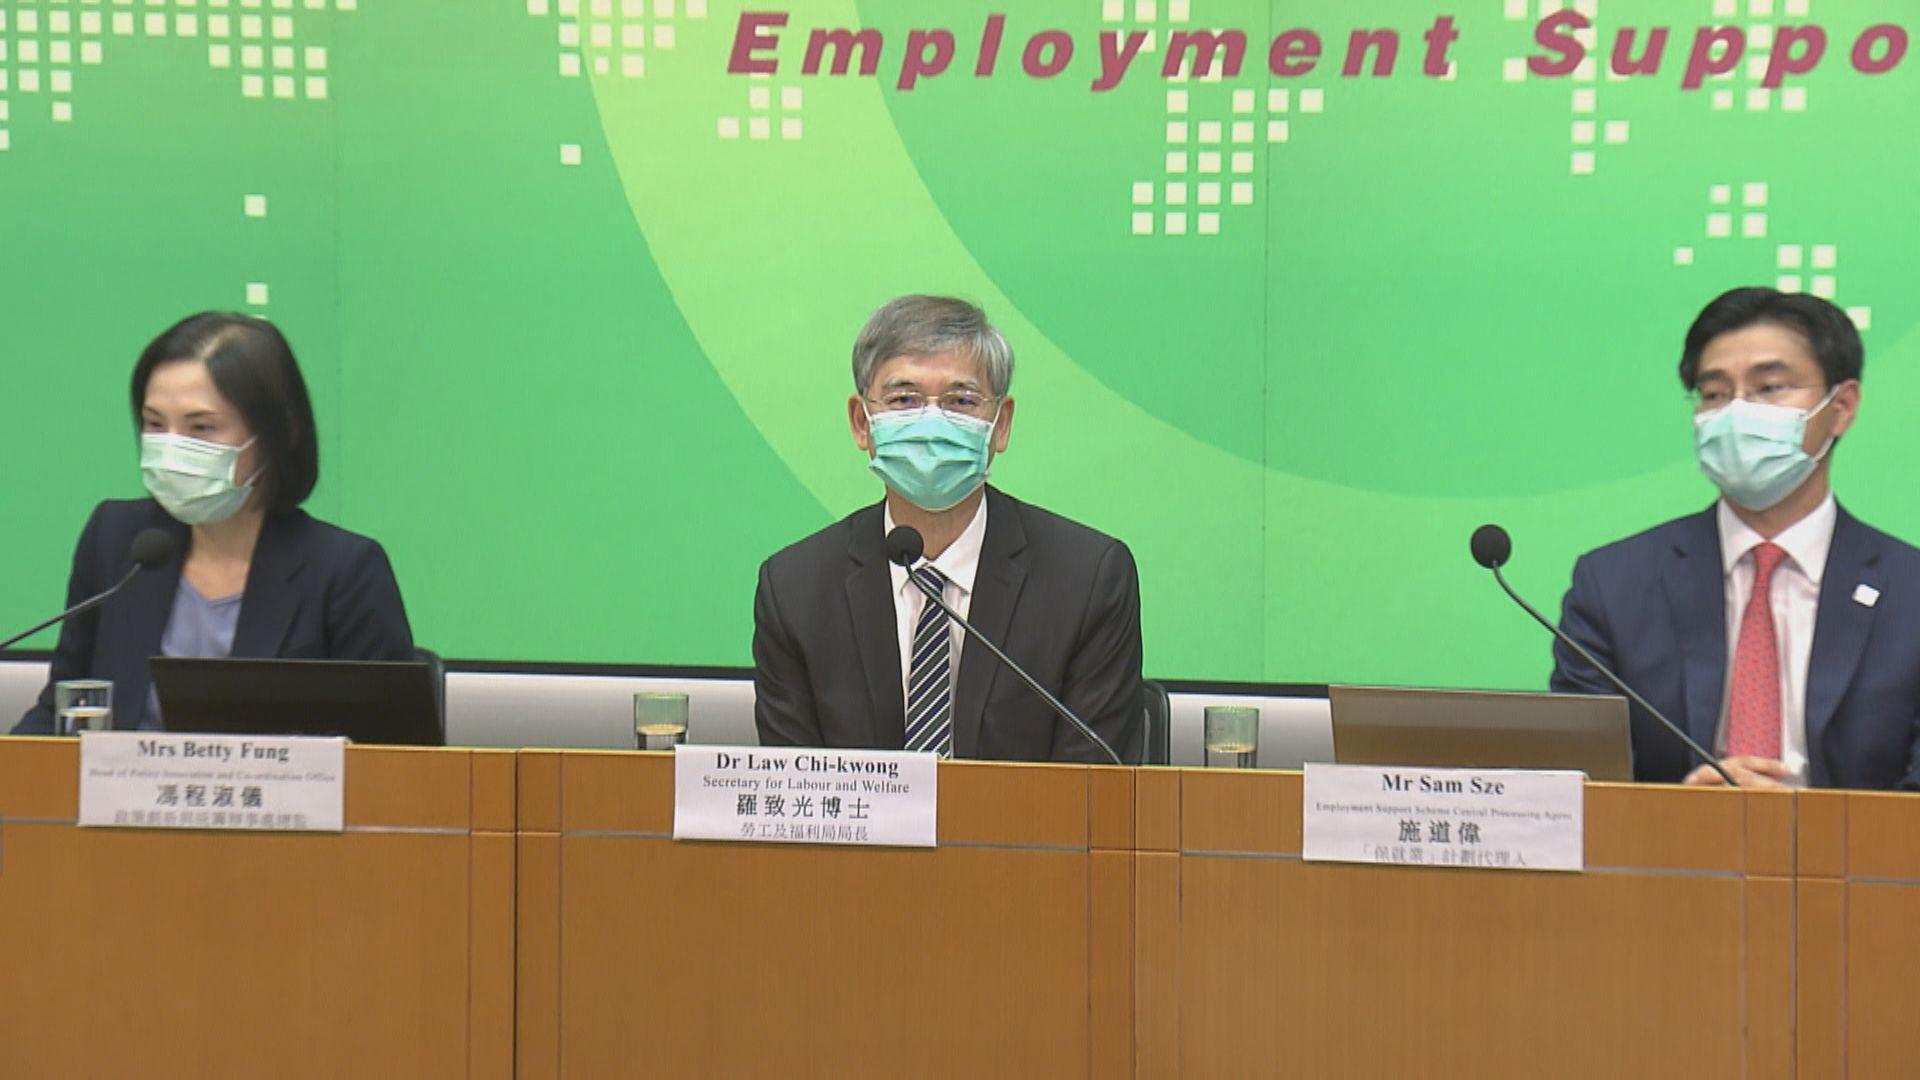 政府:保就業計劃暫未發現公司有違規情況